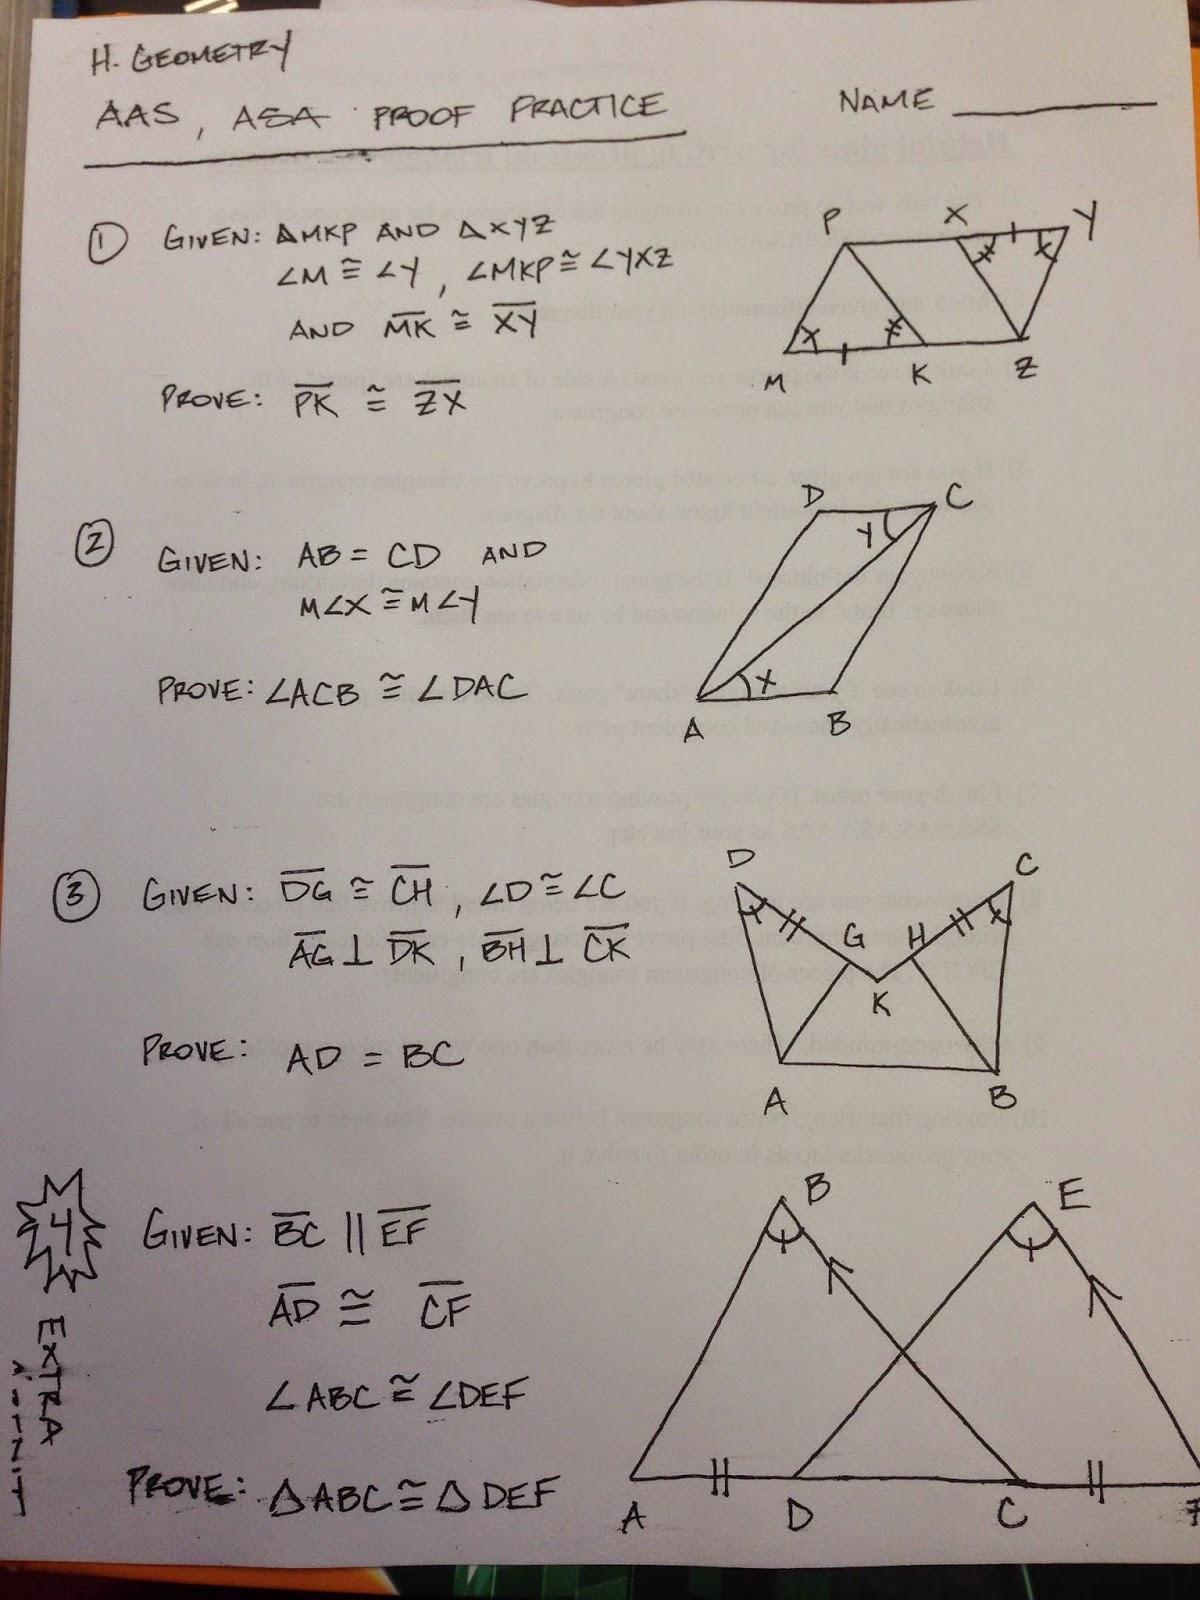 Geometry Proof Practice Worksheet Honors Geometry Vintage High School Section 4 5 Proof